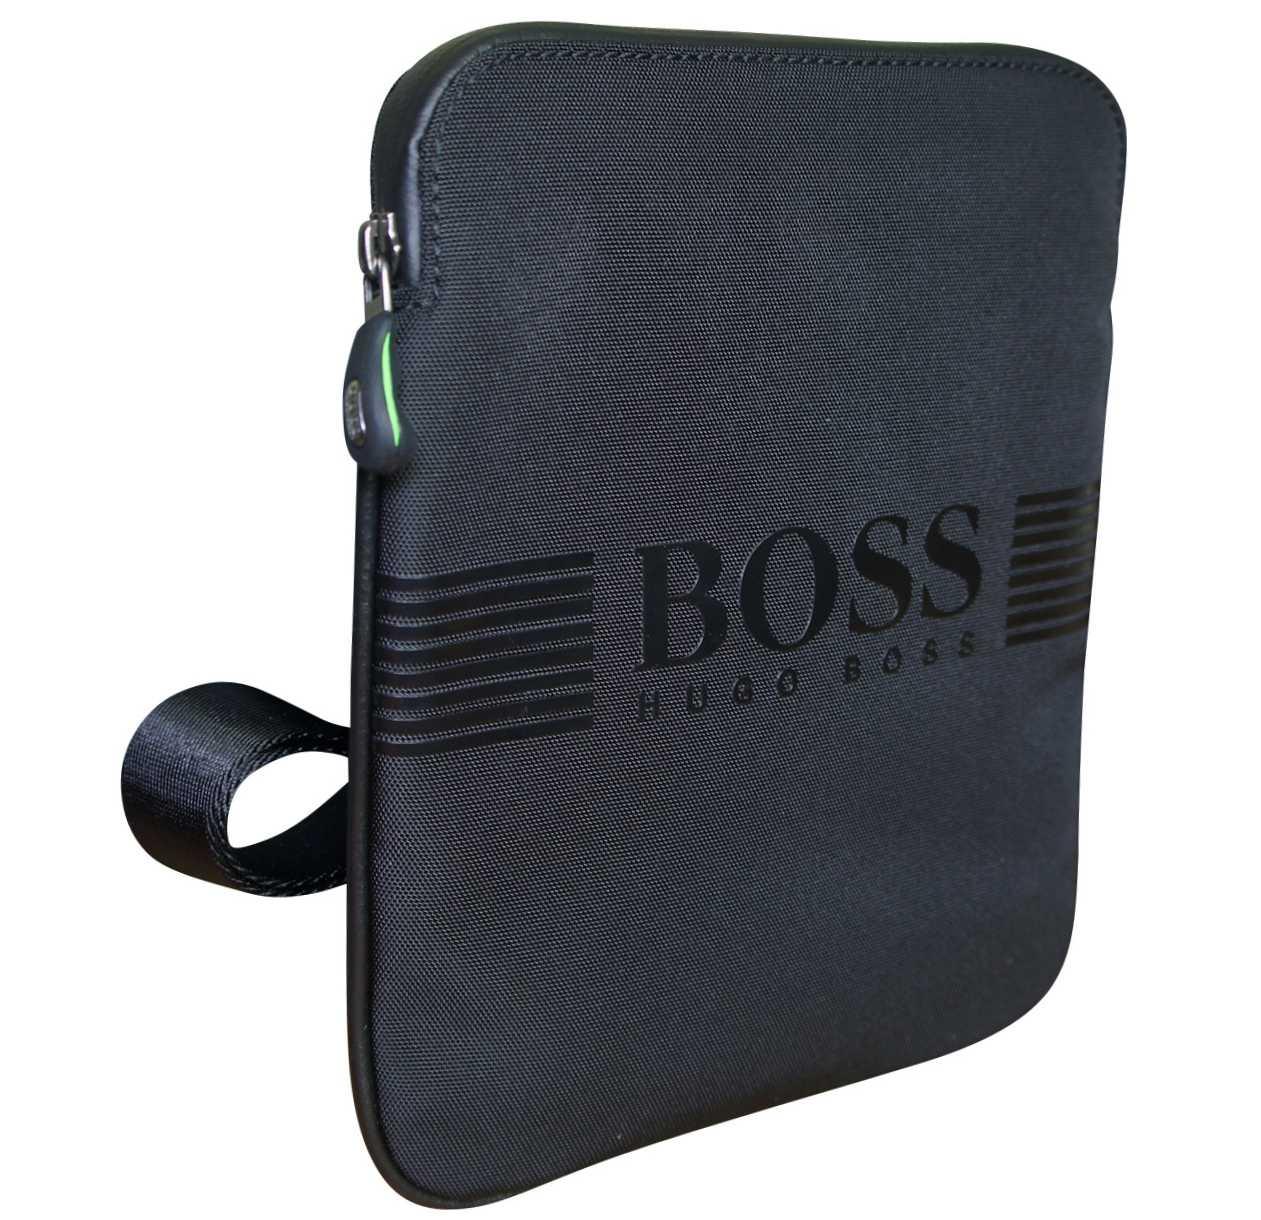 45e5f2238f Sacoche Hugo Boss : comment parvenir à faire le bon choix ?